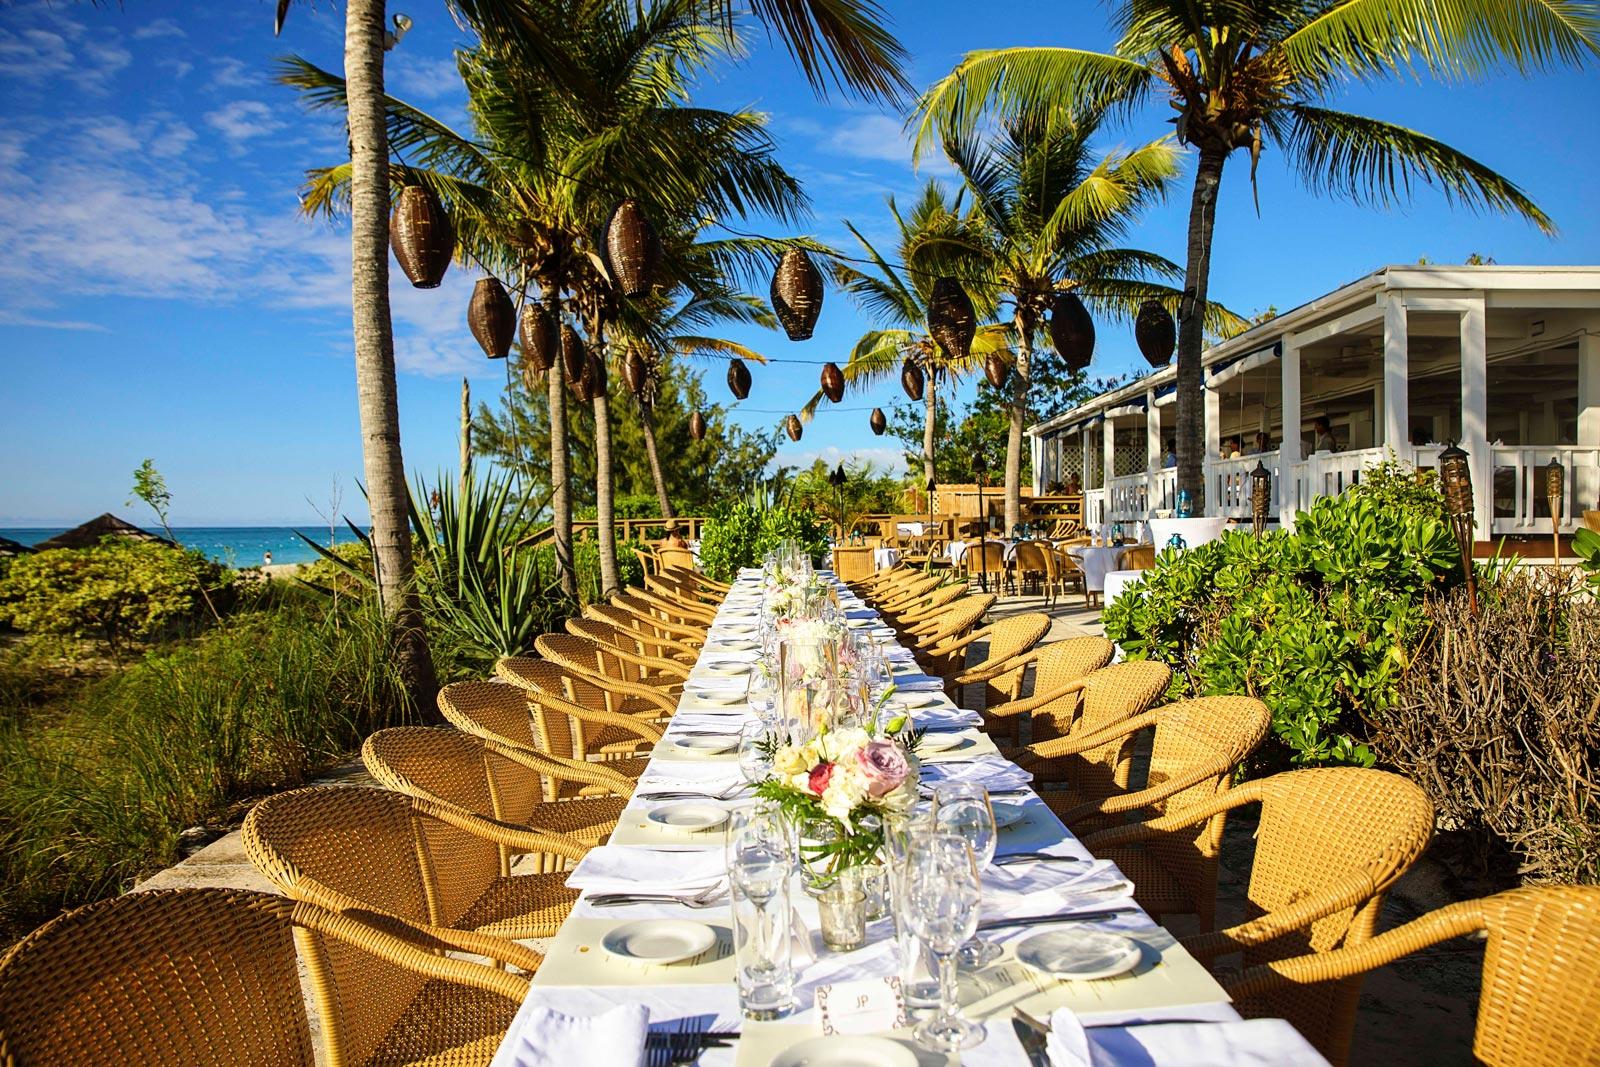 Bay Bistro Turks and Caicos